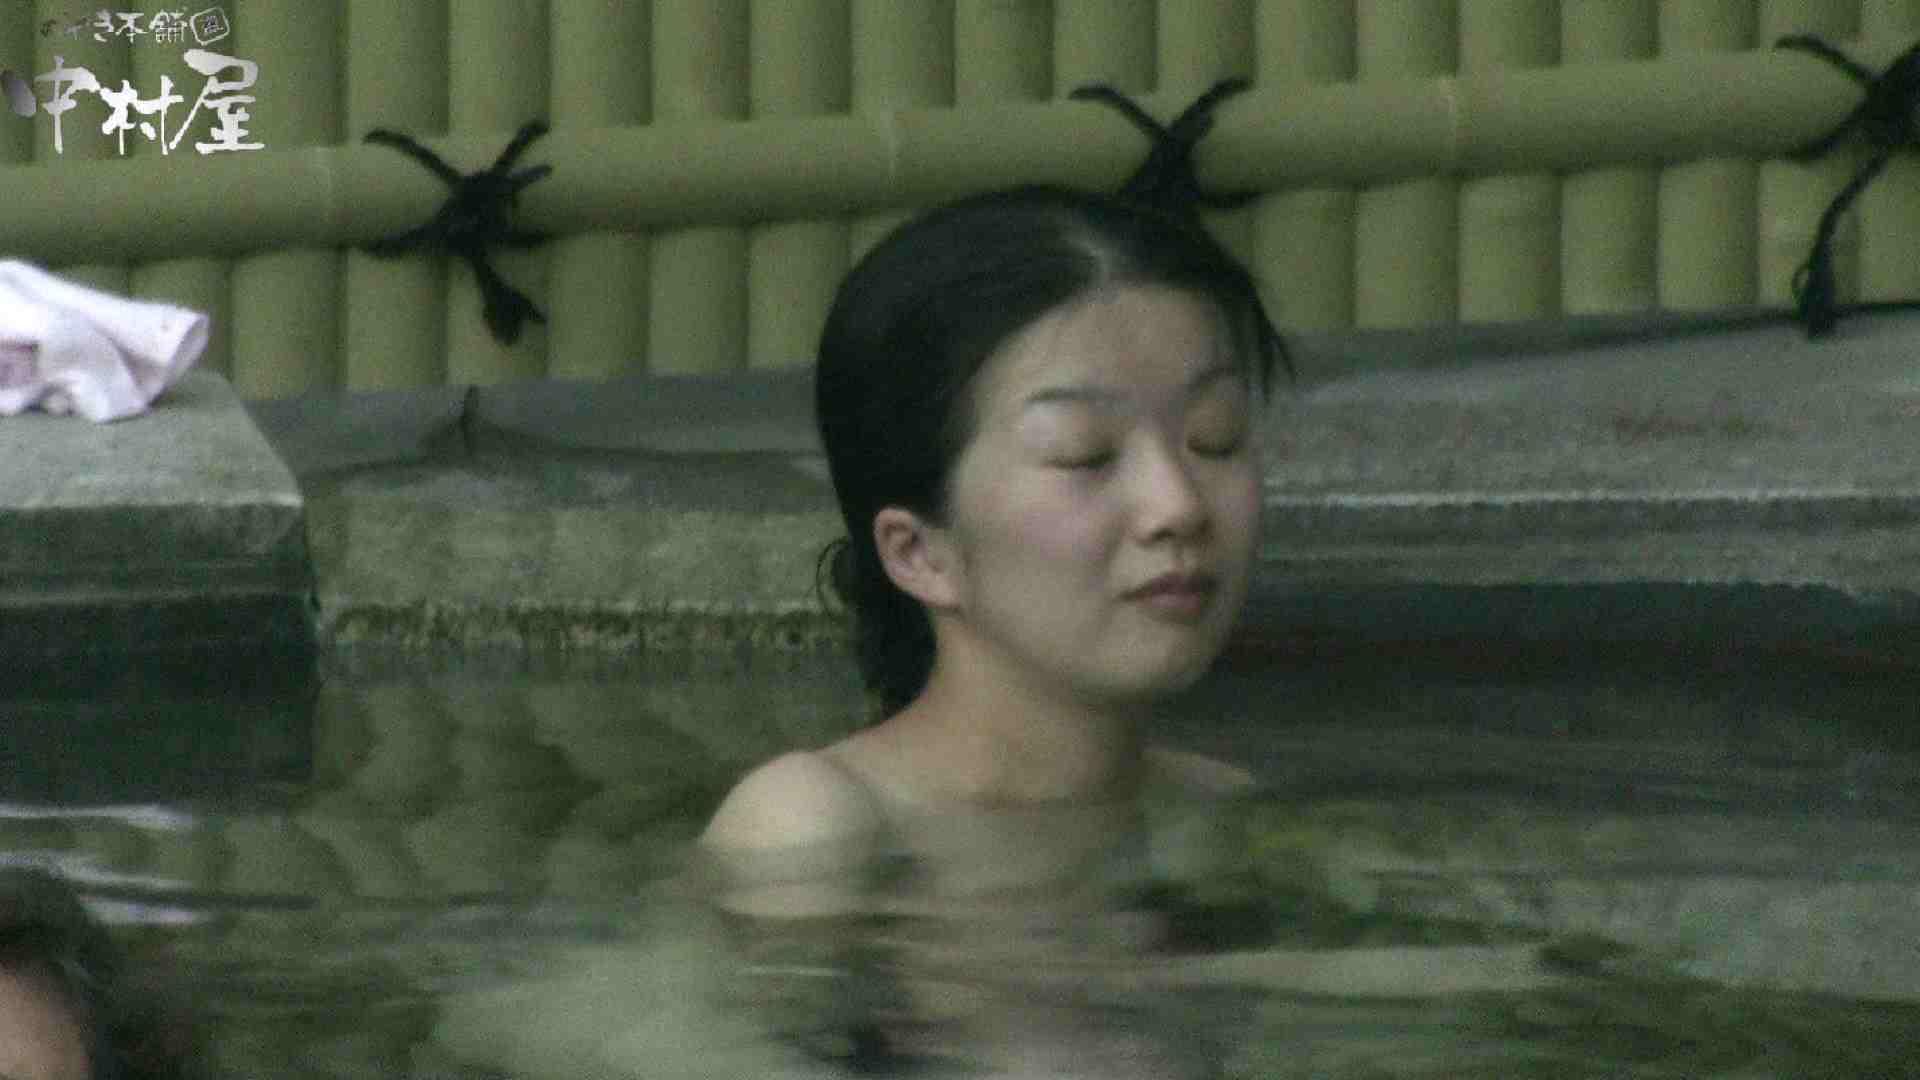 Aquaな露天風呂Vol.904 0  63pic 62